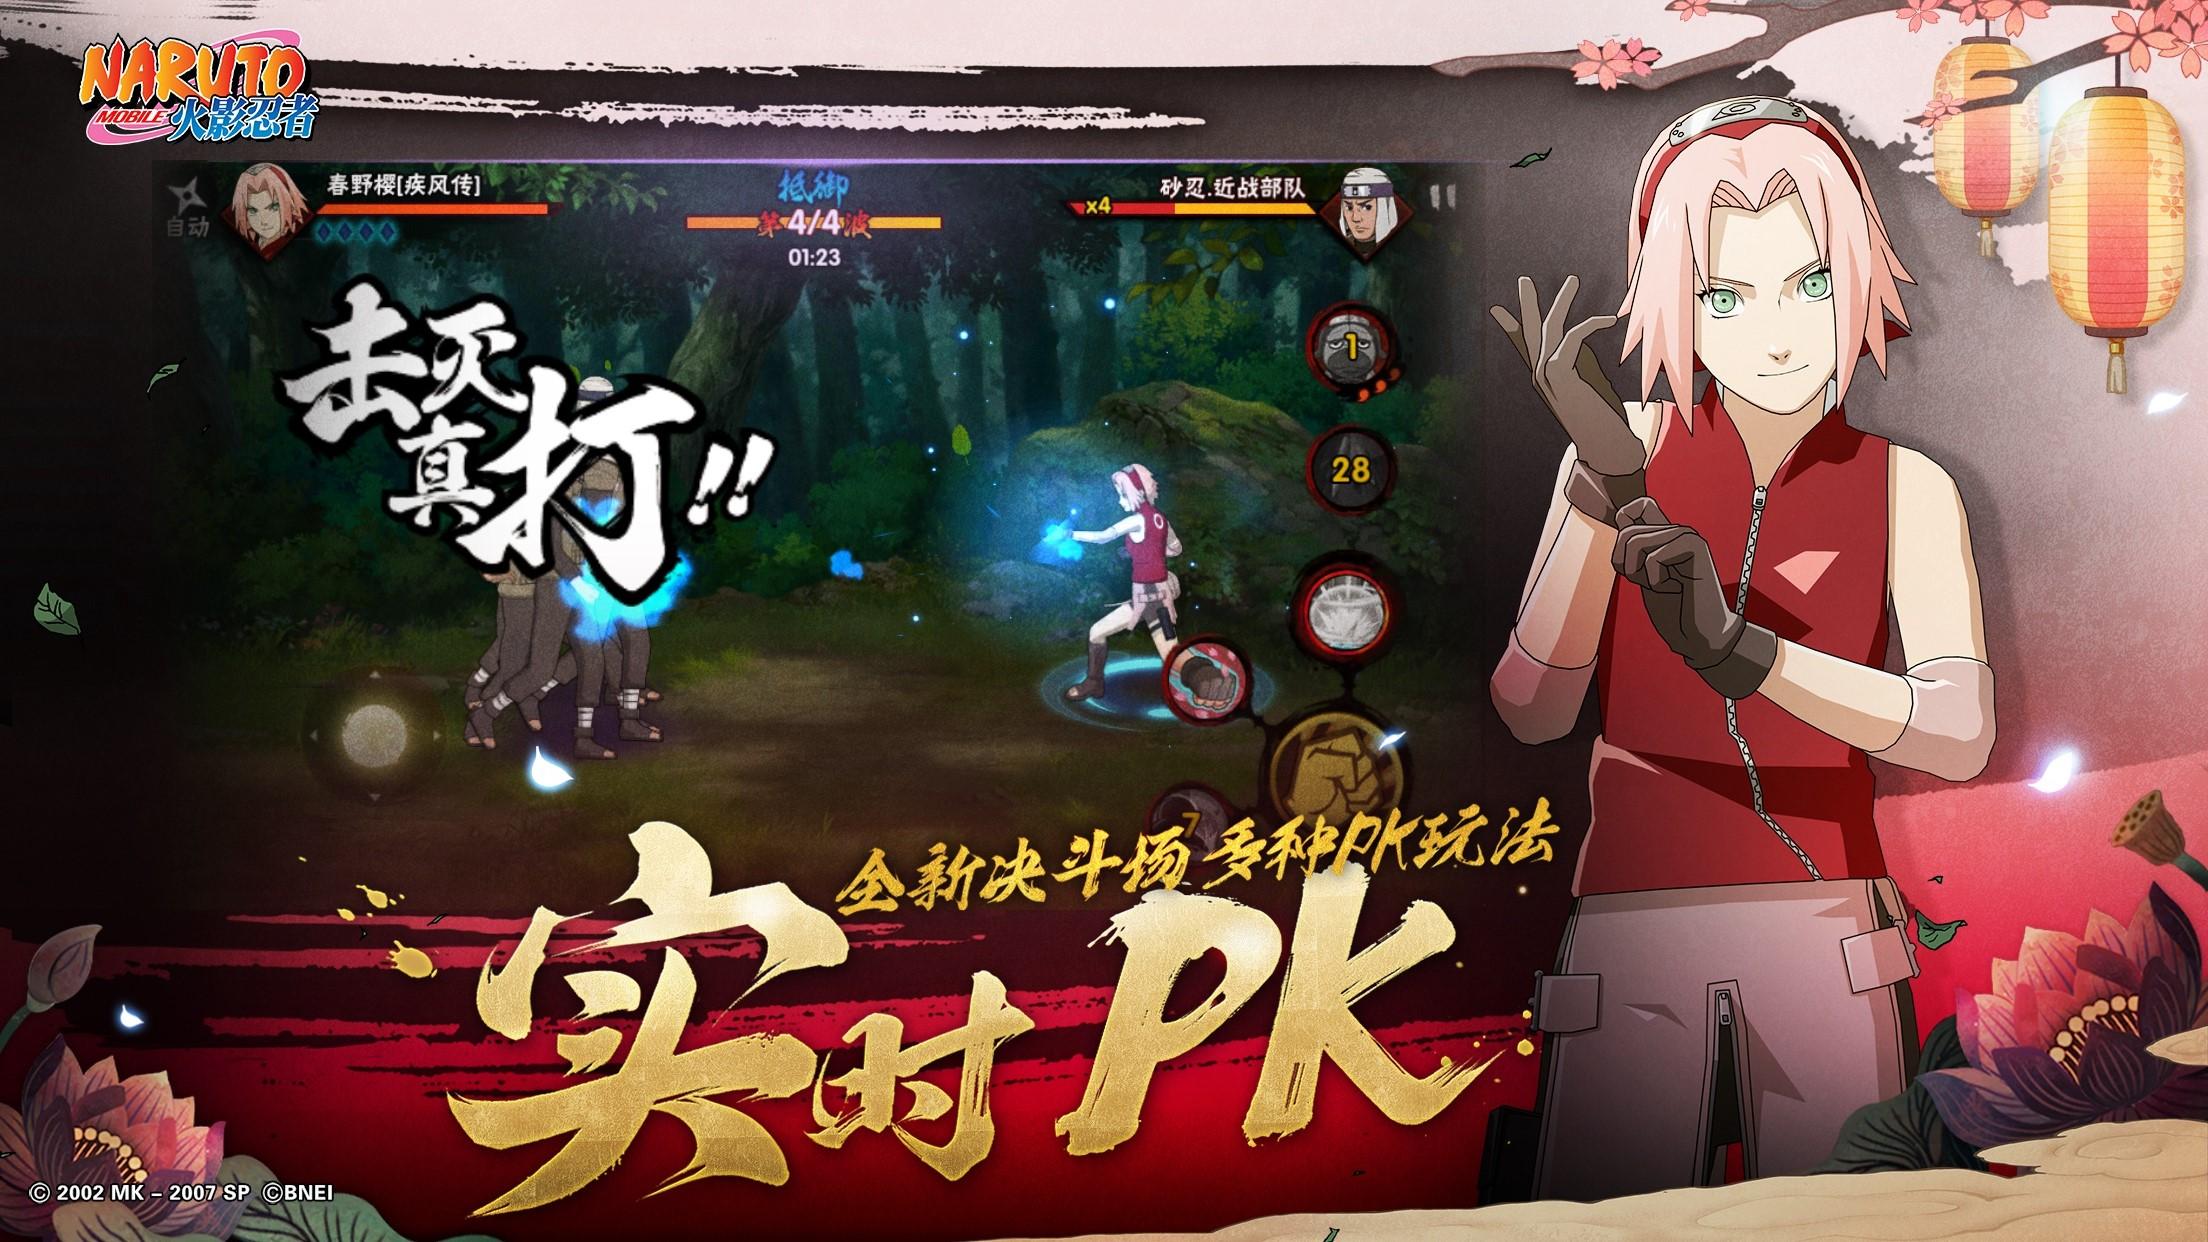 火影忍者破解版无限金币版游戏截图